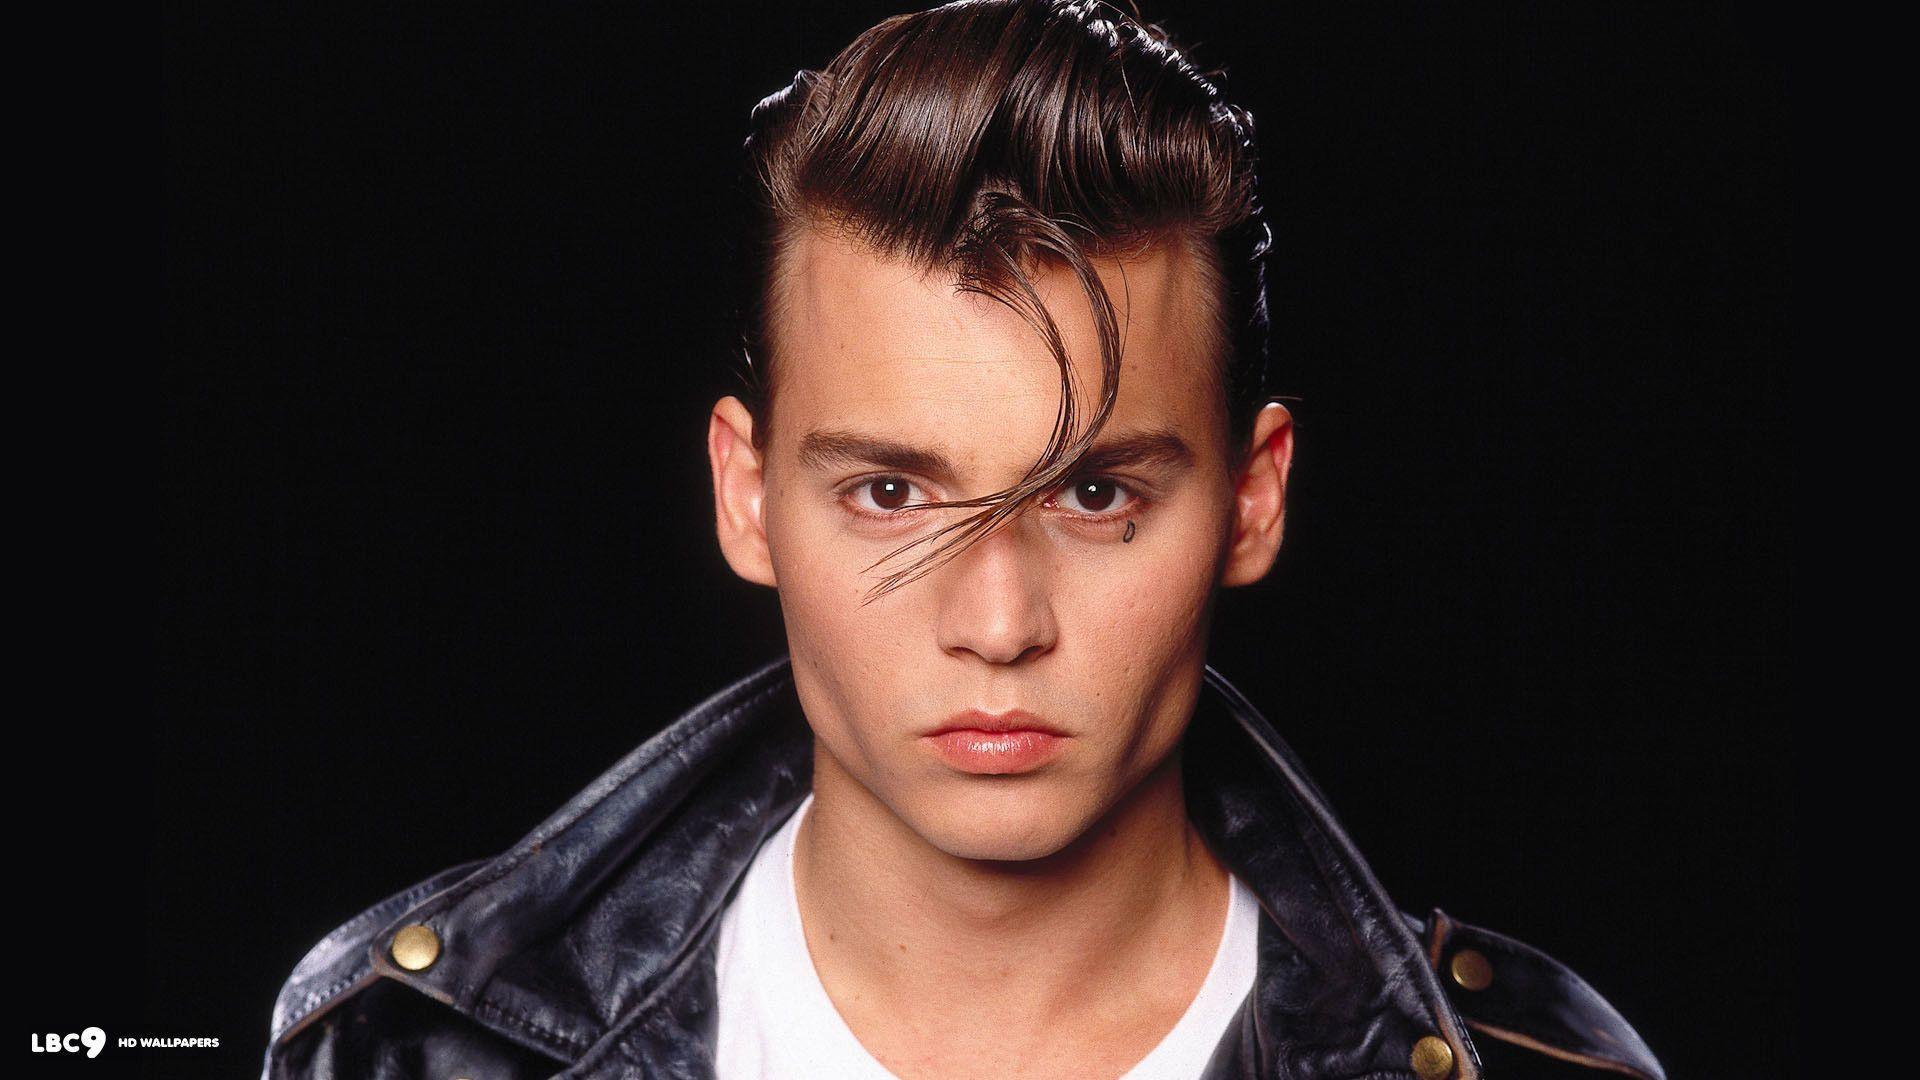 Johnny Depp Backgrounds